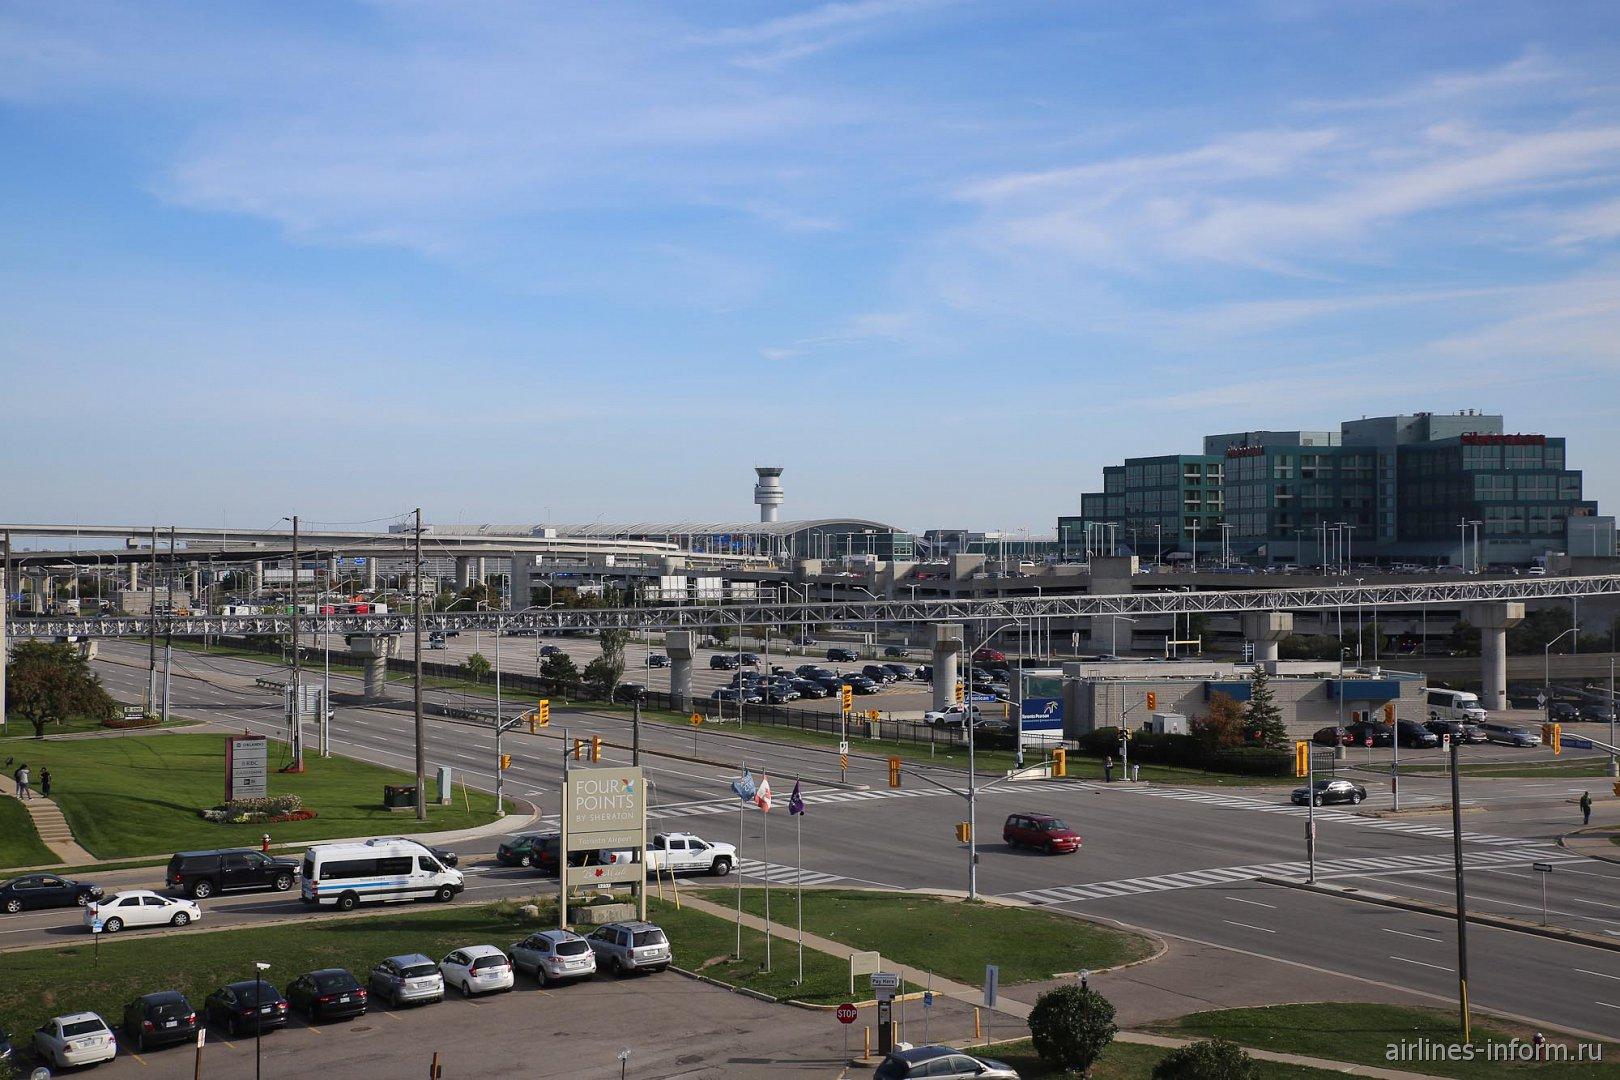 """Пассажирский терминал 1 и гостиница """"Шератон"""" в аэропорту Торонто Пирсон"""